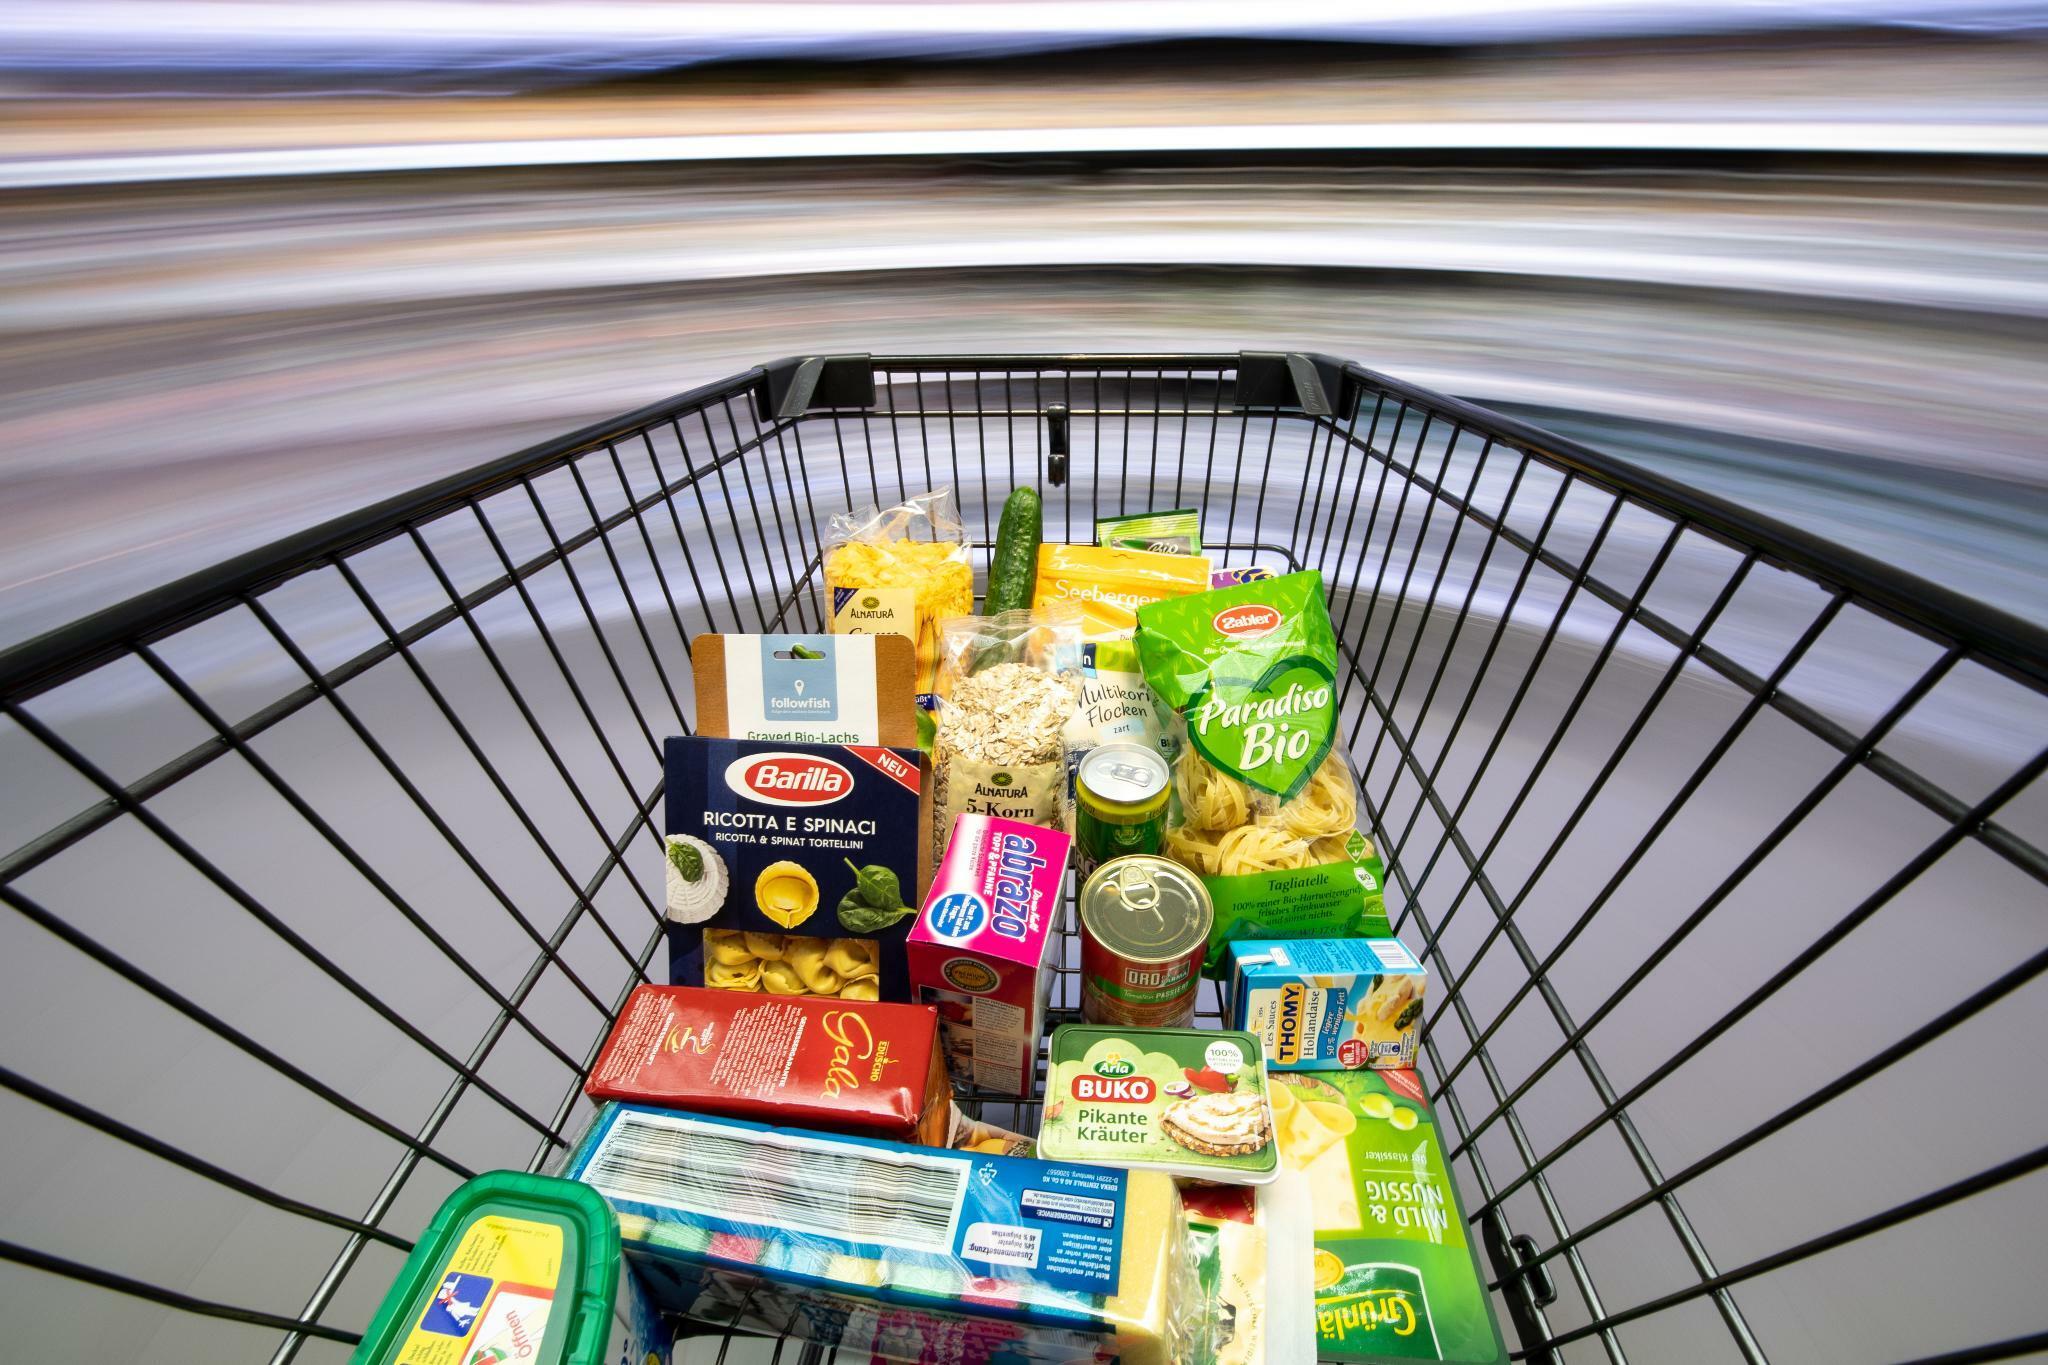 Gorillas & Flink Investoren Hype   Lieferdienste für Lebensmittel